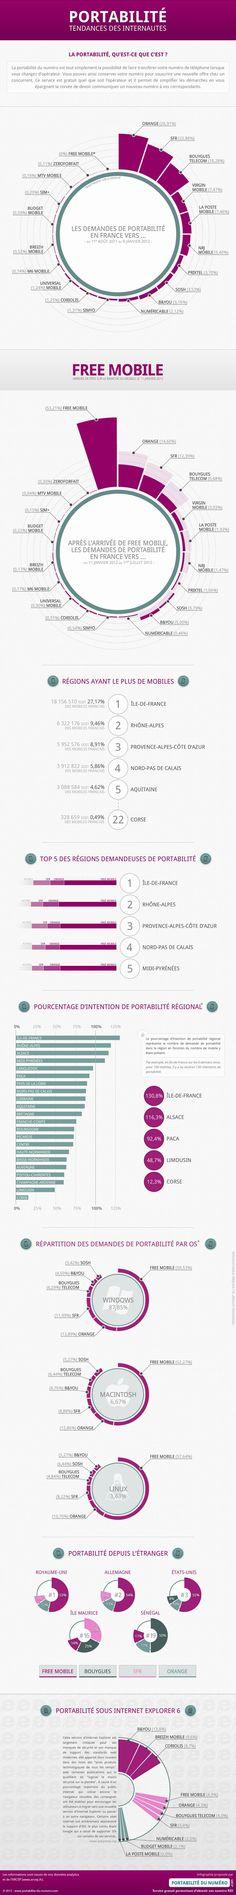 Tendances Portabilité Opérateurs en France #infographics via @Béatrice Duboisset